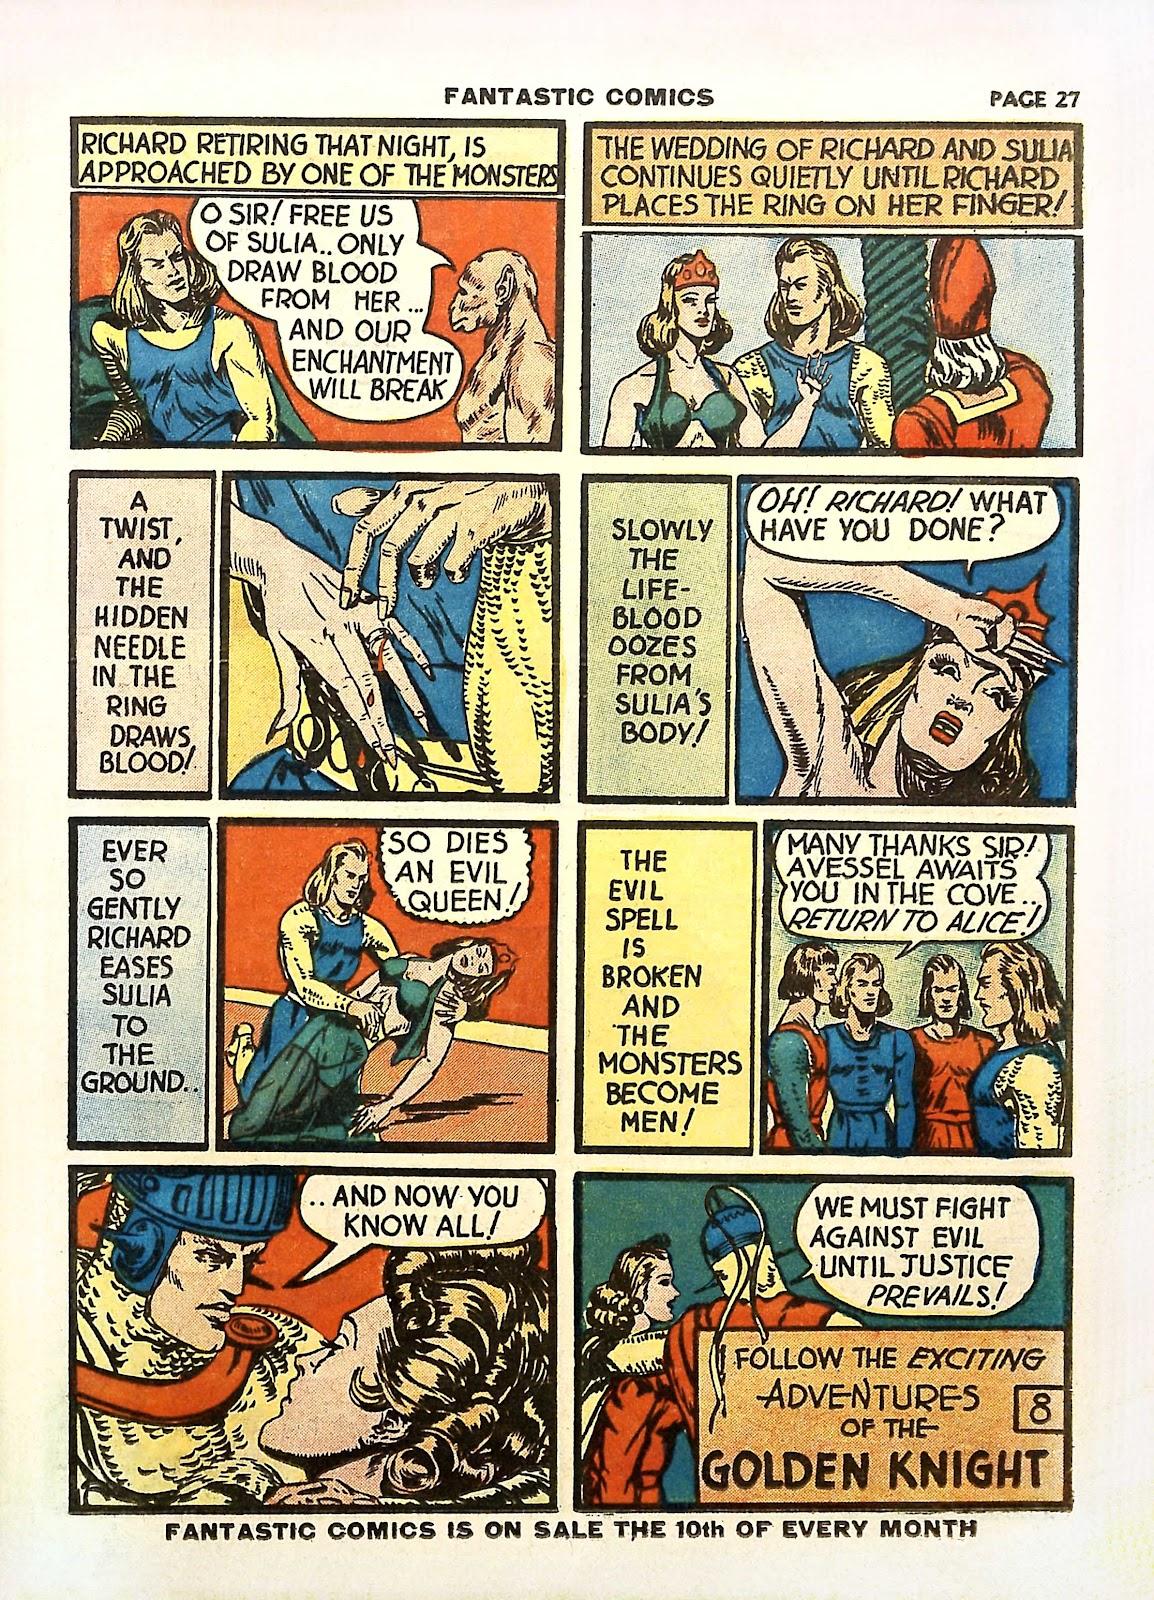 Read online Fantastic Comics comic -  Issue #11 - 30